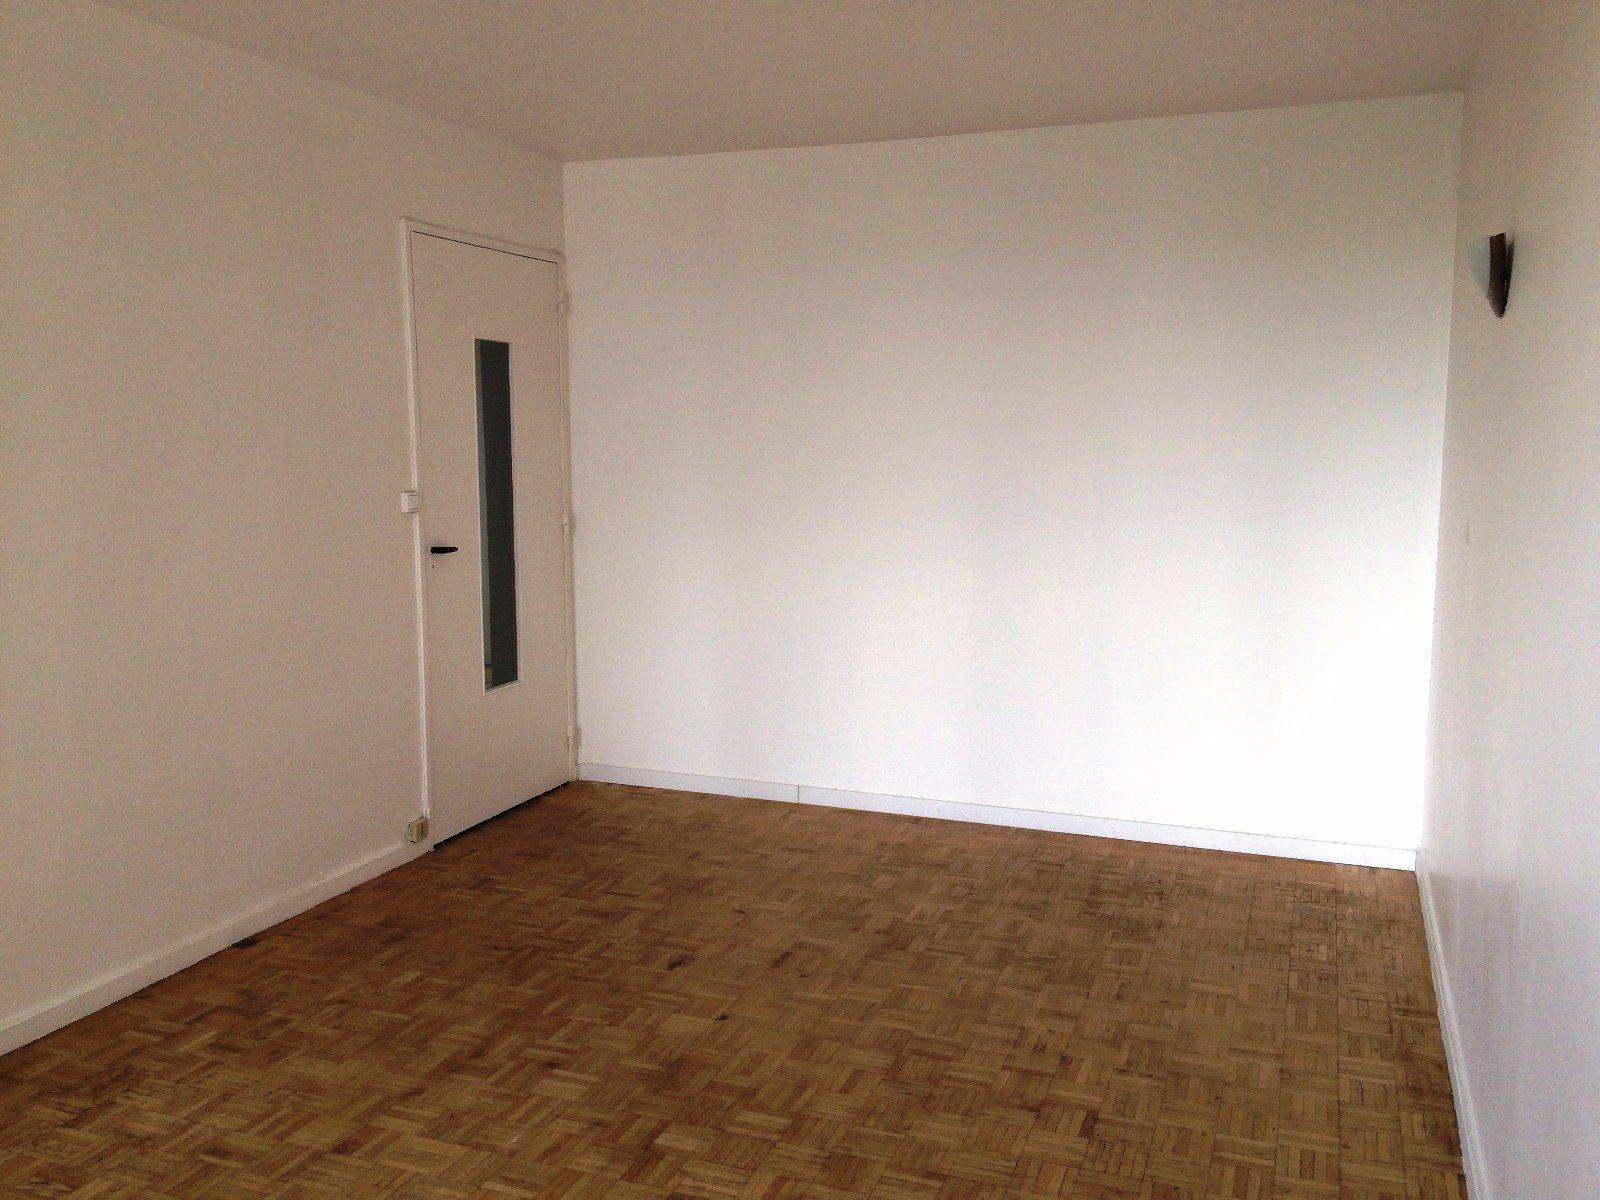 ARCUEIL 3 P 52,87+4 m² la VACHE NOIRE